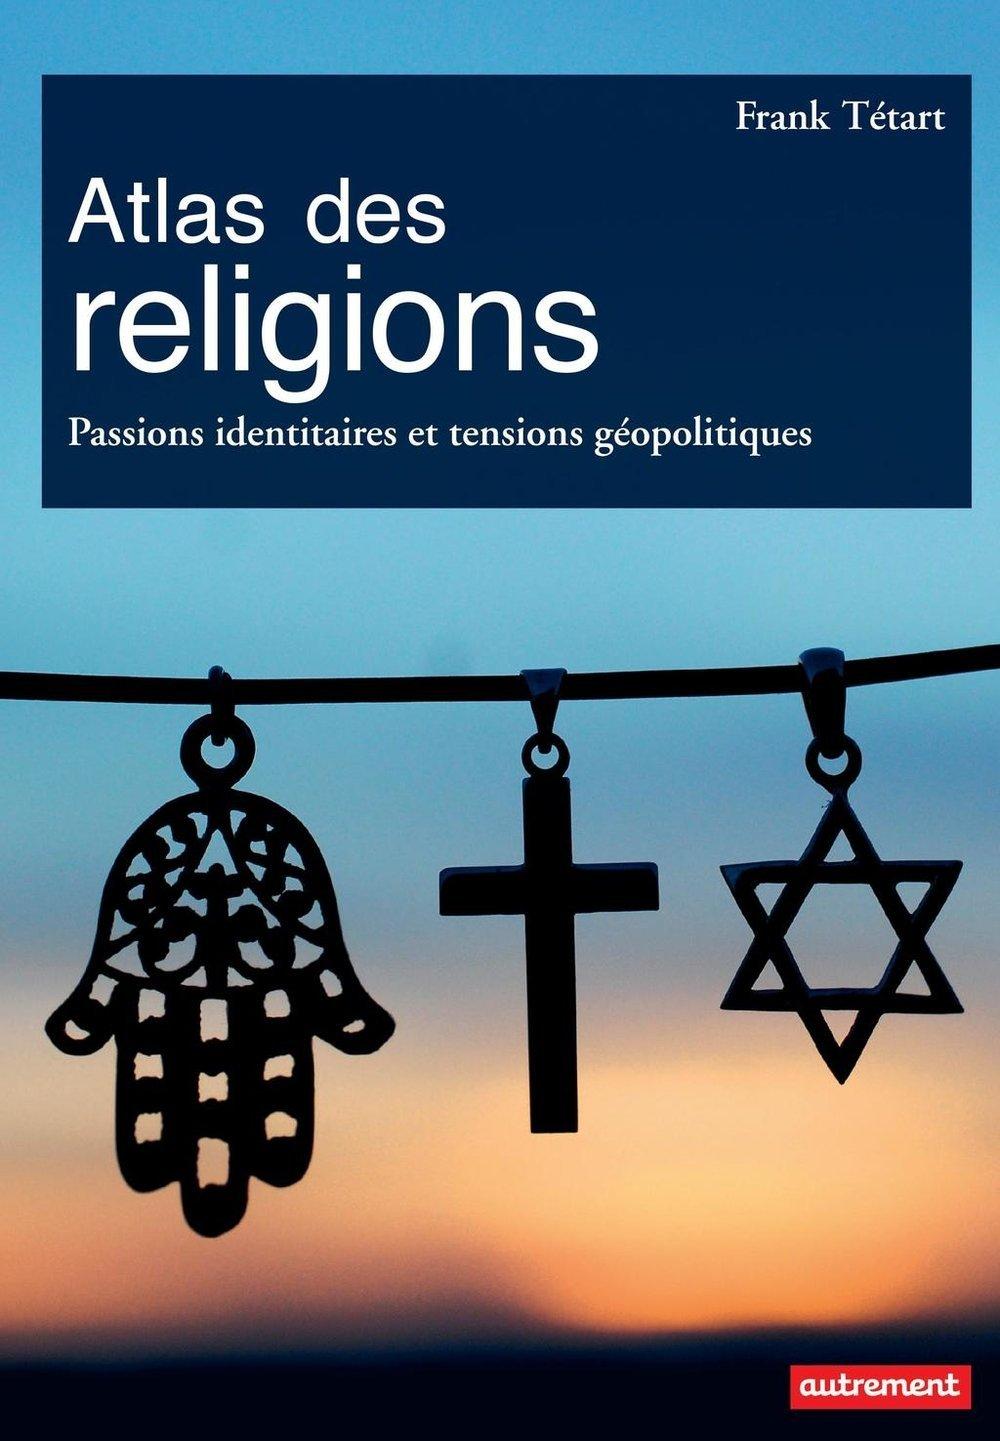 Atlas des religions : passions identitaires et enjeux géopolitiques